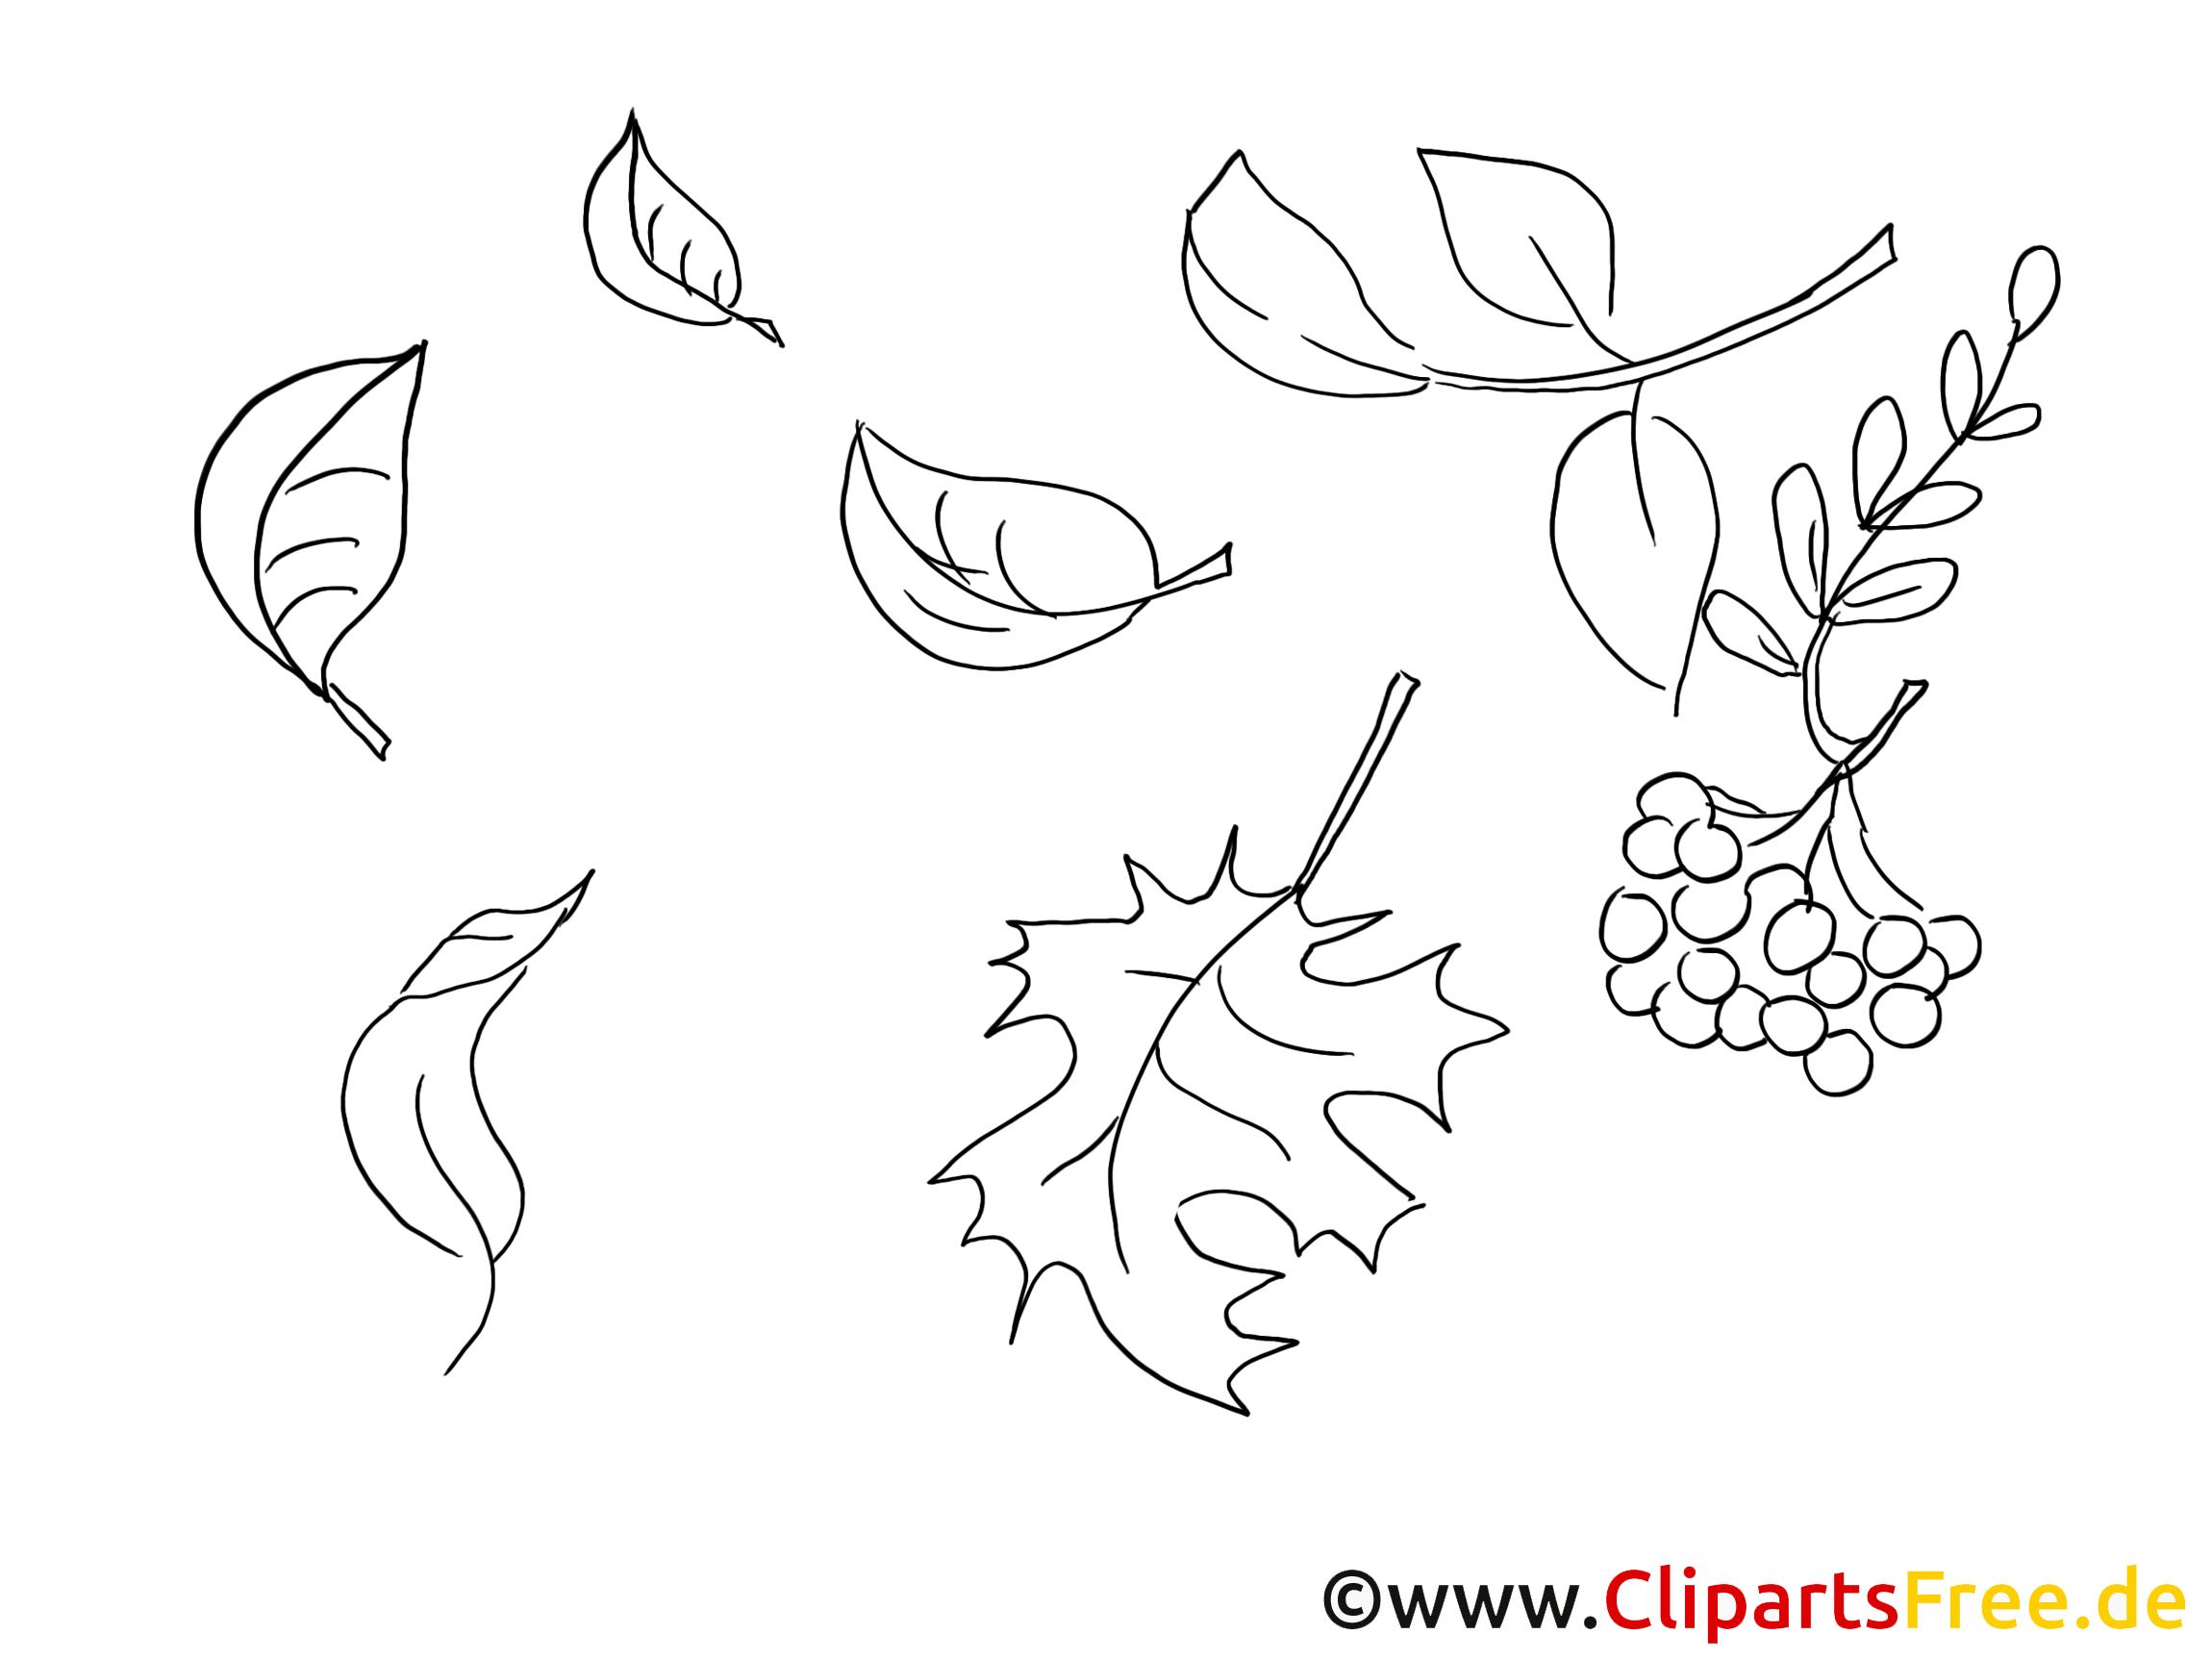 sorbier images gratuites  automne à colorier  automne